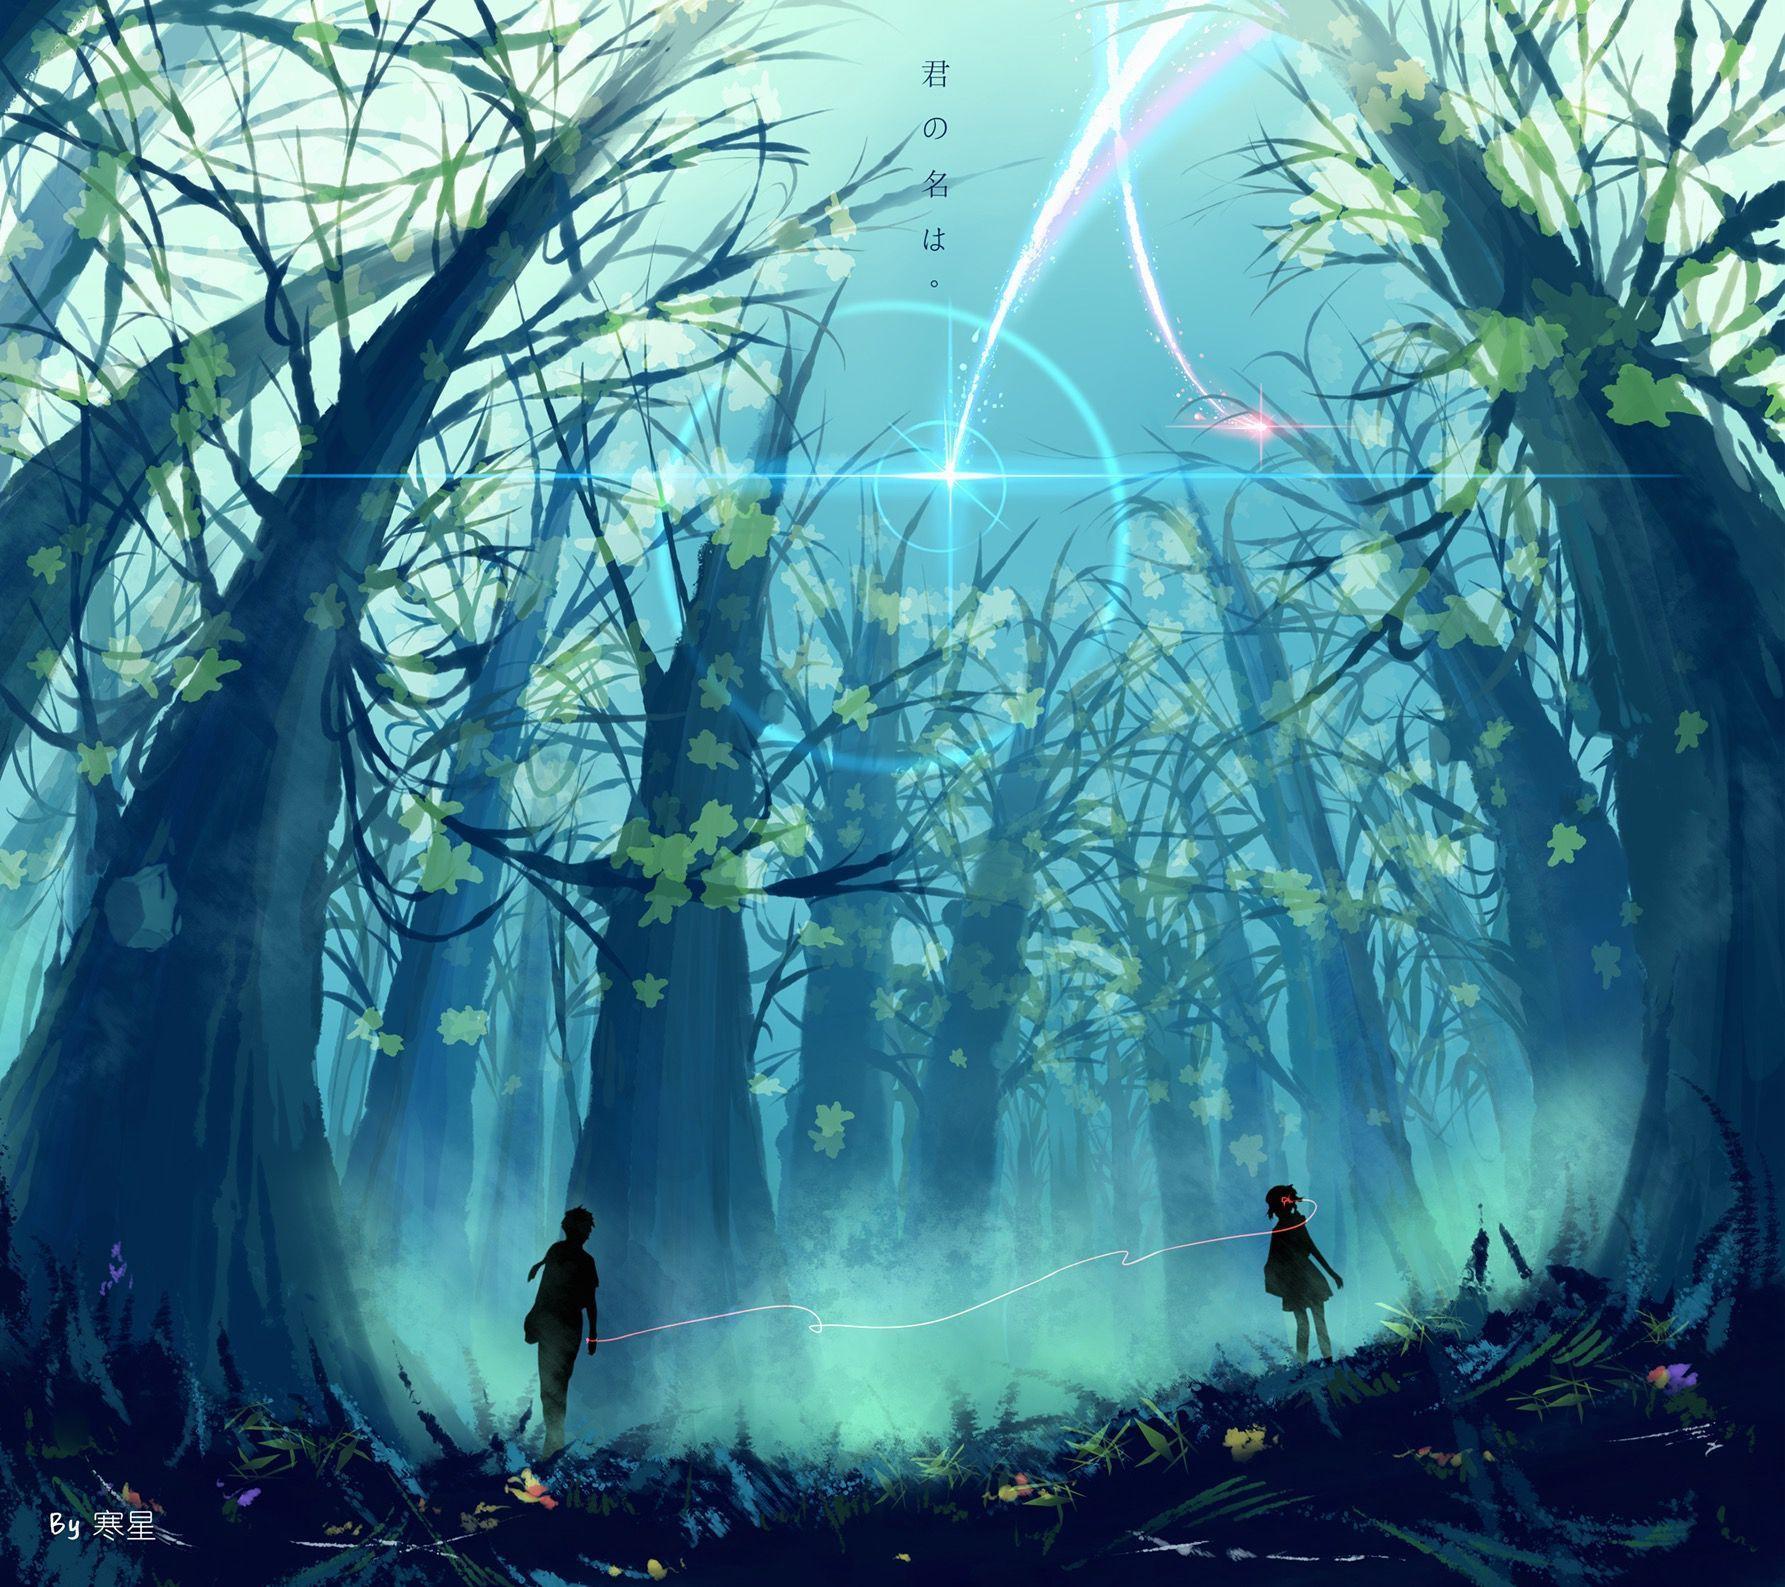 Kho ảnh Kimi No Nawa (Your Name) 1. Anime (Có hình ảnh